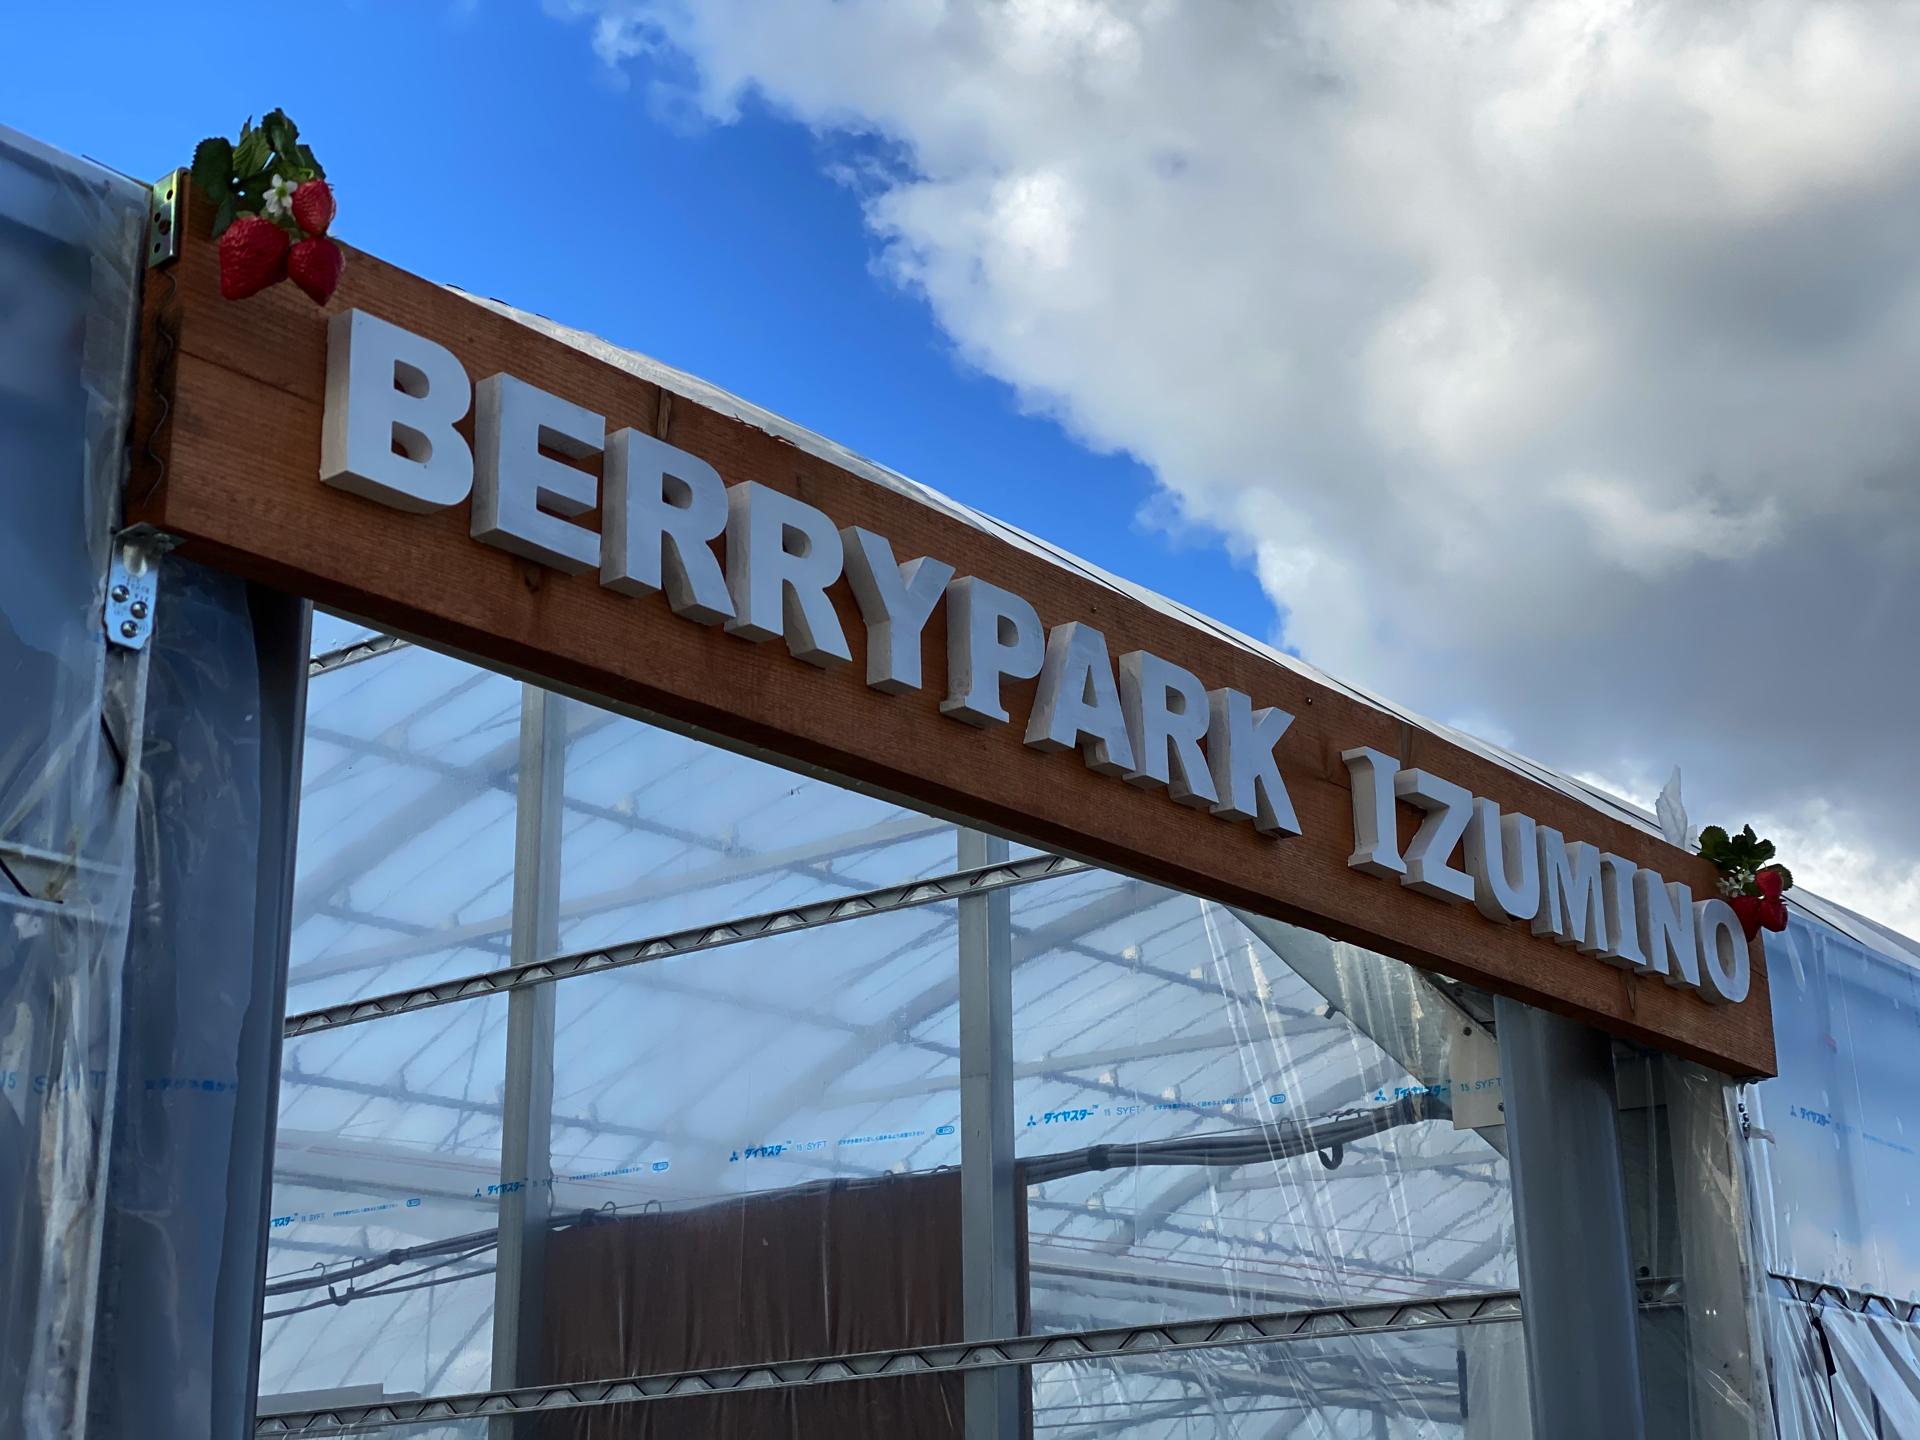 観光農園 Berry parkいずみの様